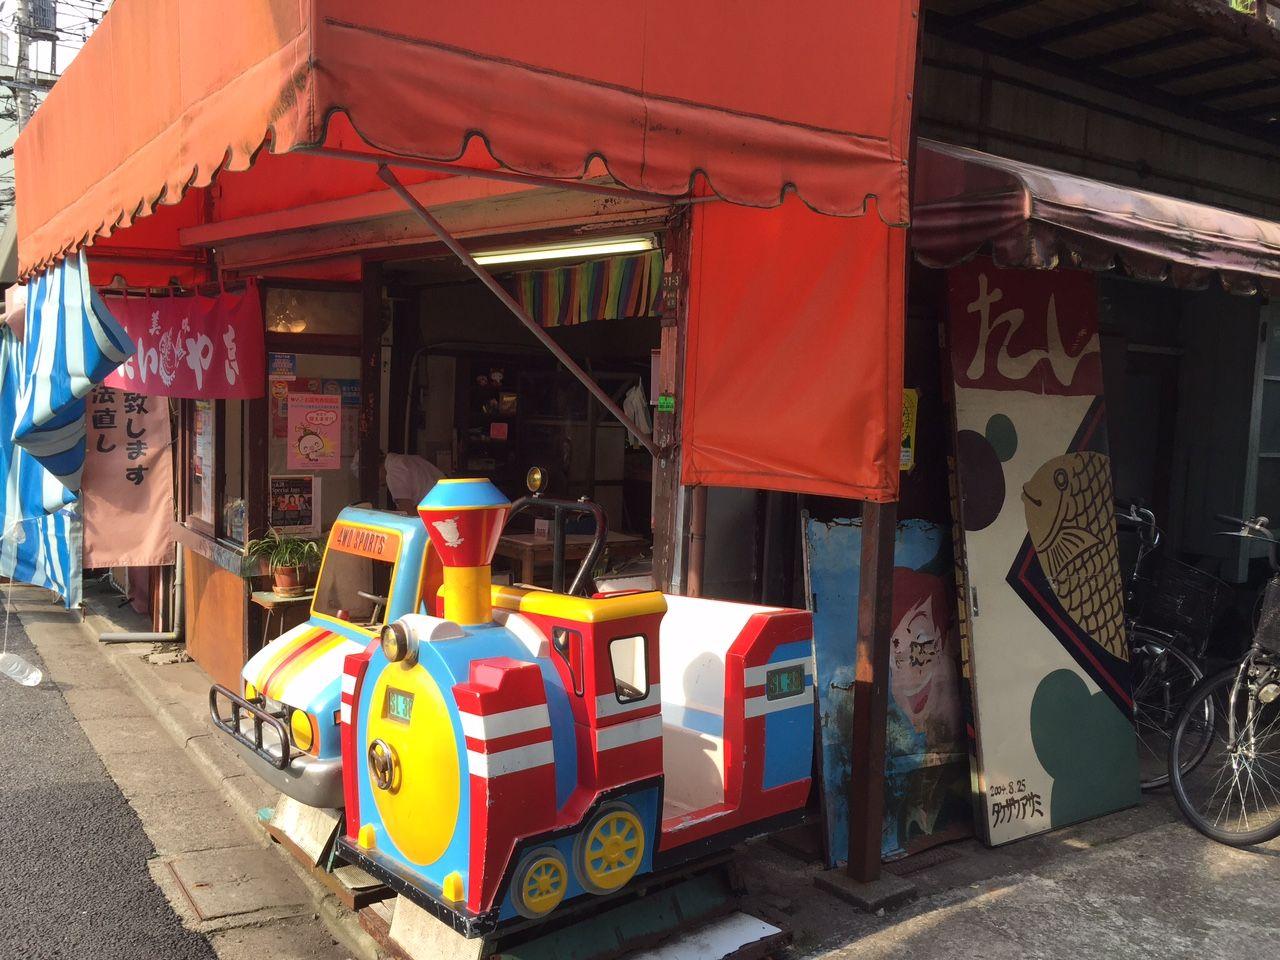 学生の街、レトロな雰囲気の街、江古田はB級グルメの宝庫!